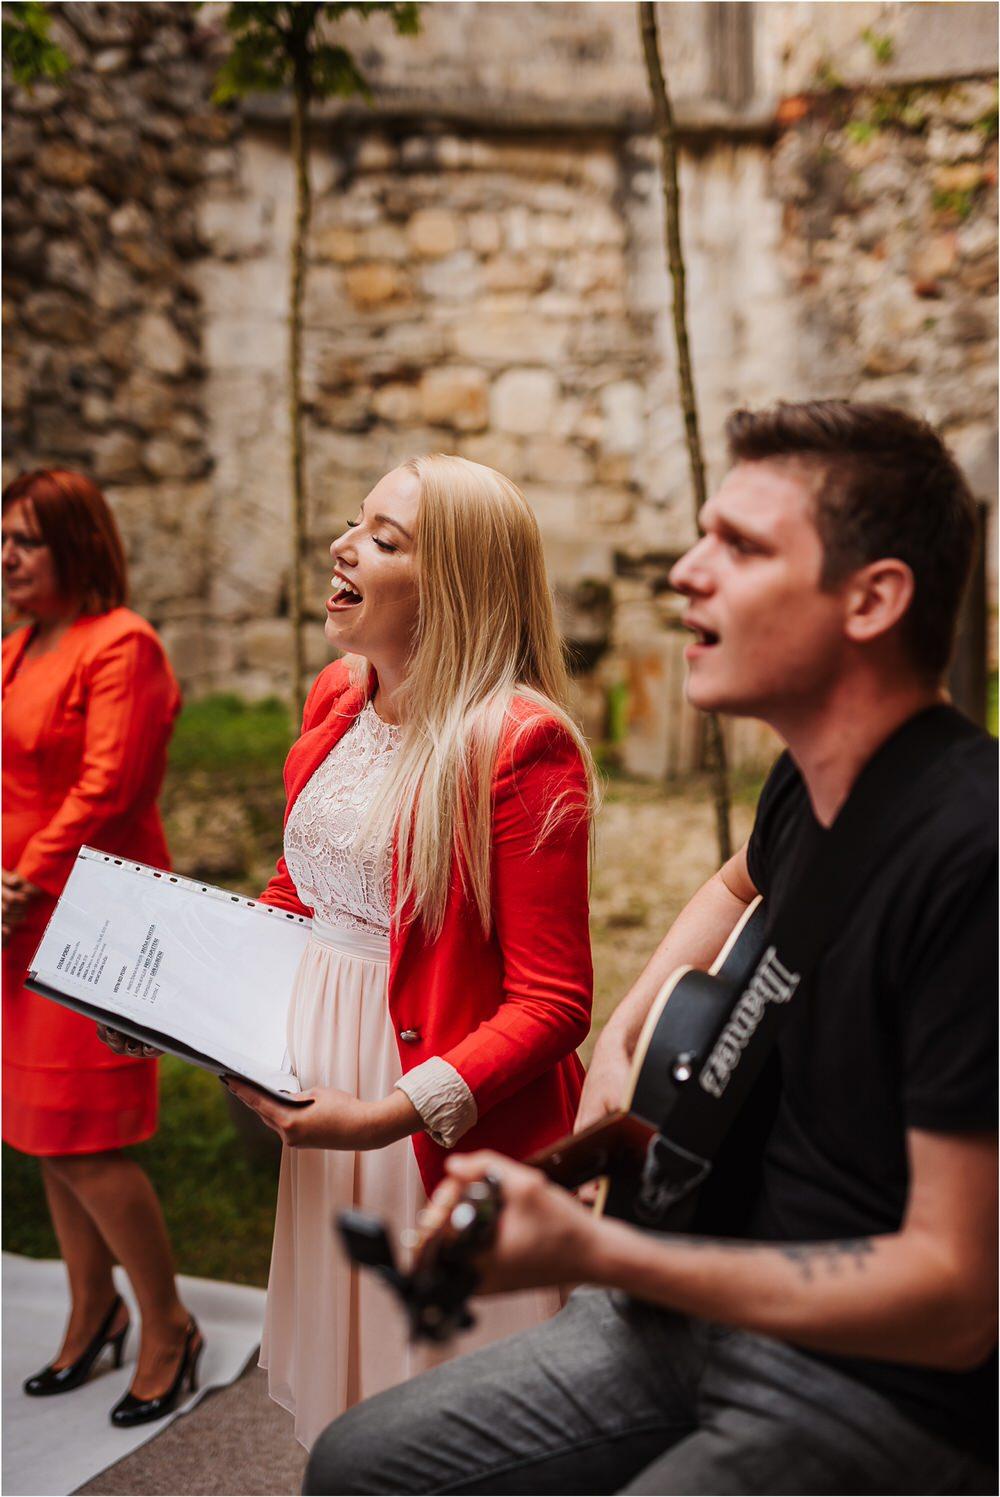 zicka kartuzija poroka porocni fotograf fotografija luka in ben loce elegantna poroka slovenski porocni fotograf  0063.jpg